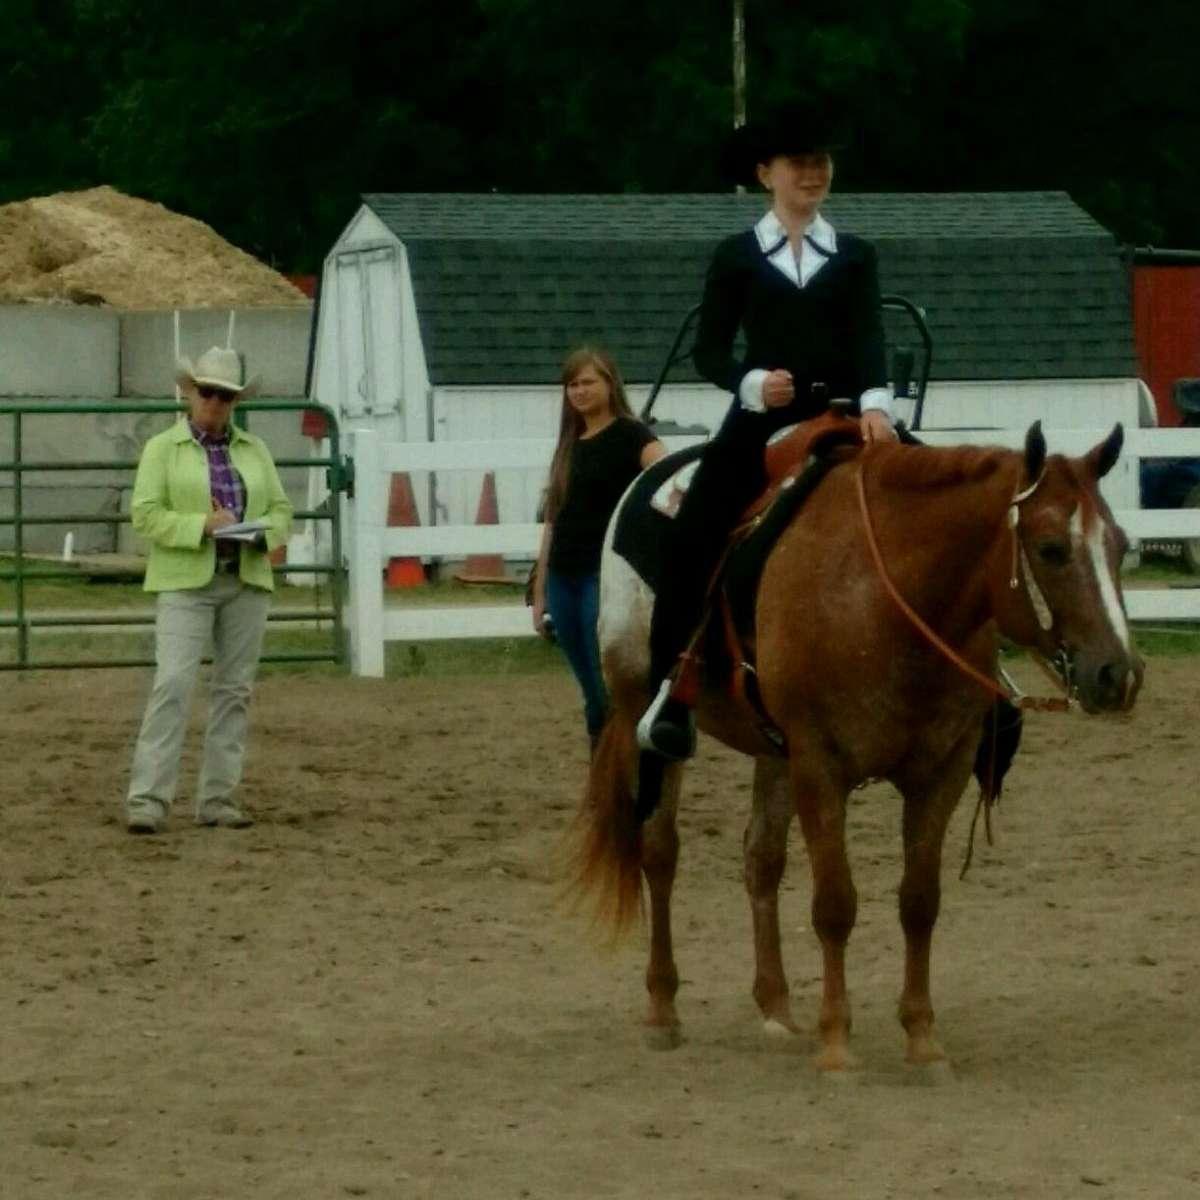 North River Ranch AKA My Poa Pony.com